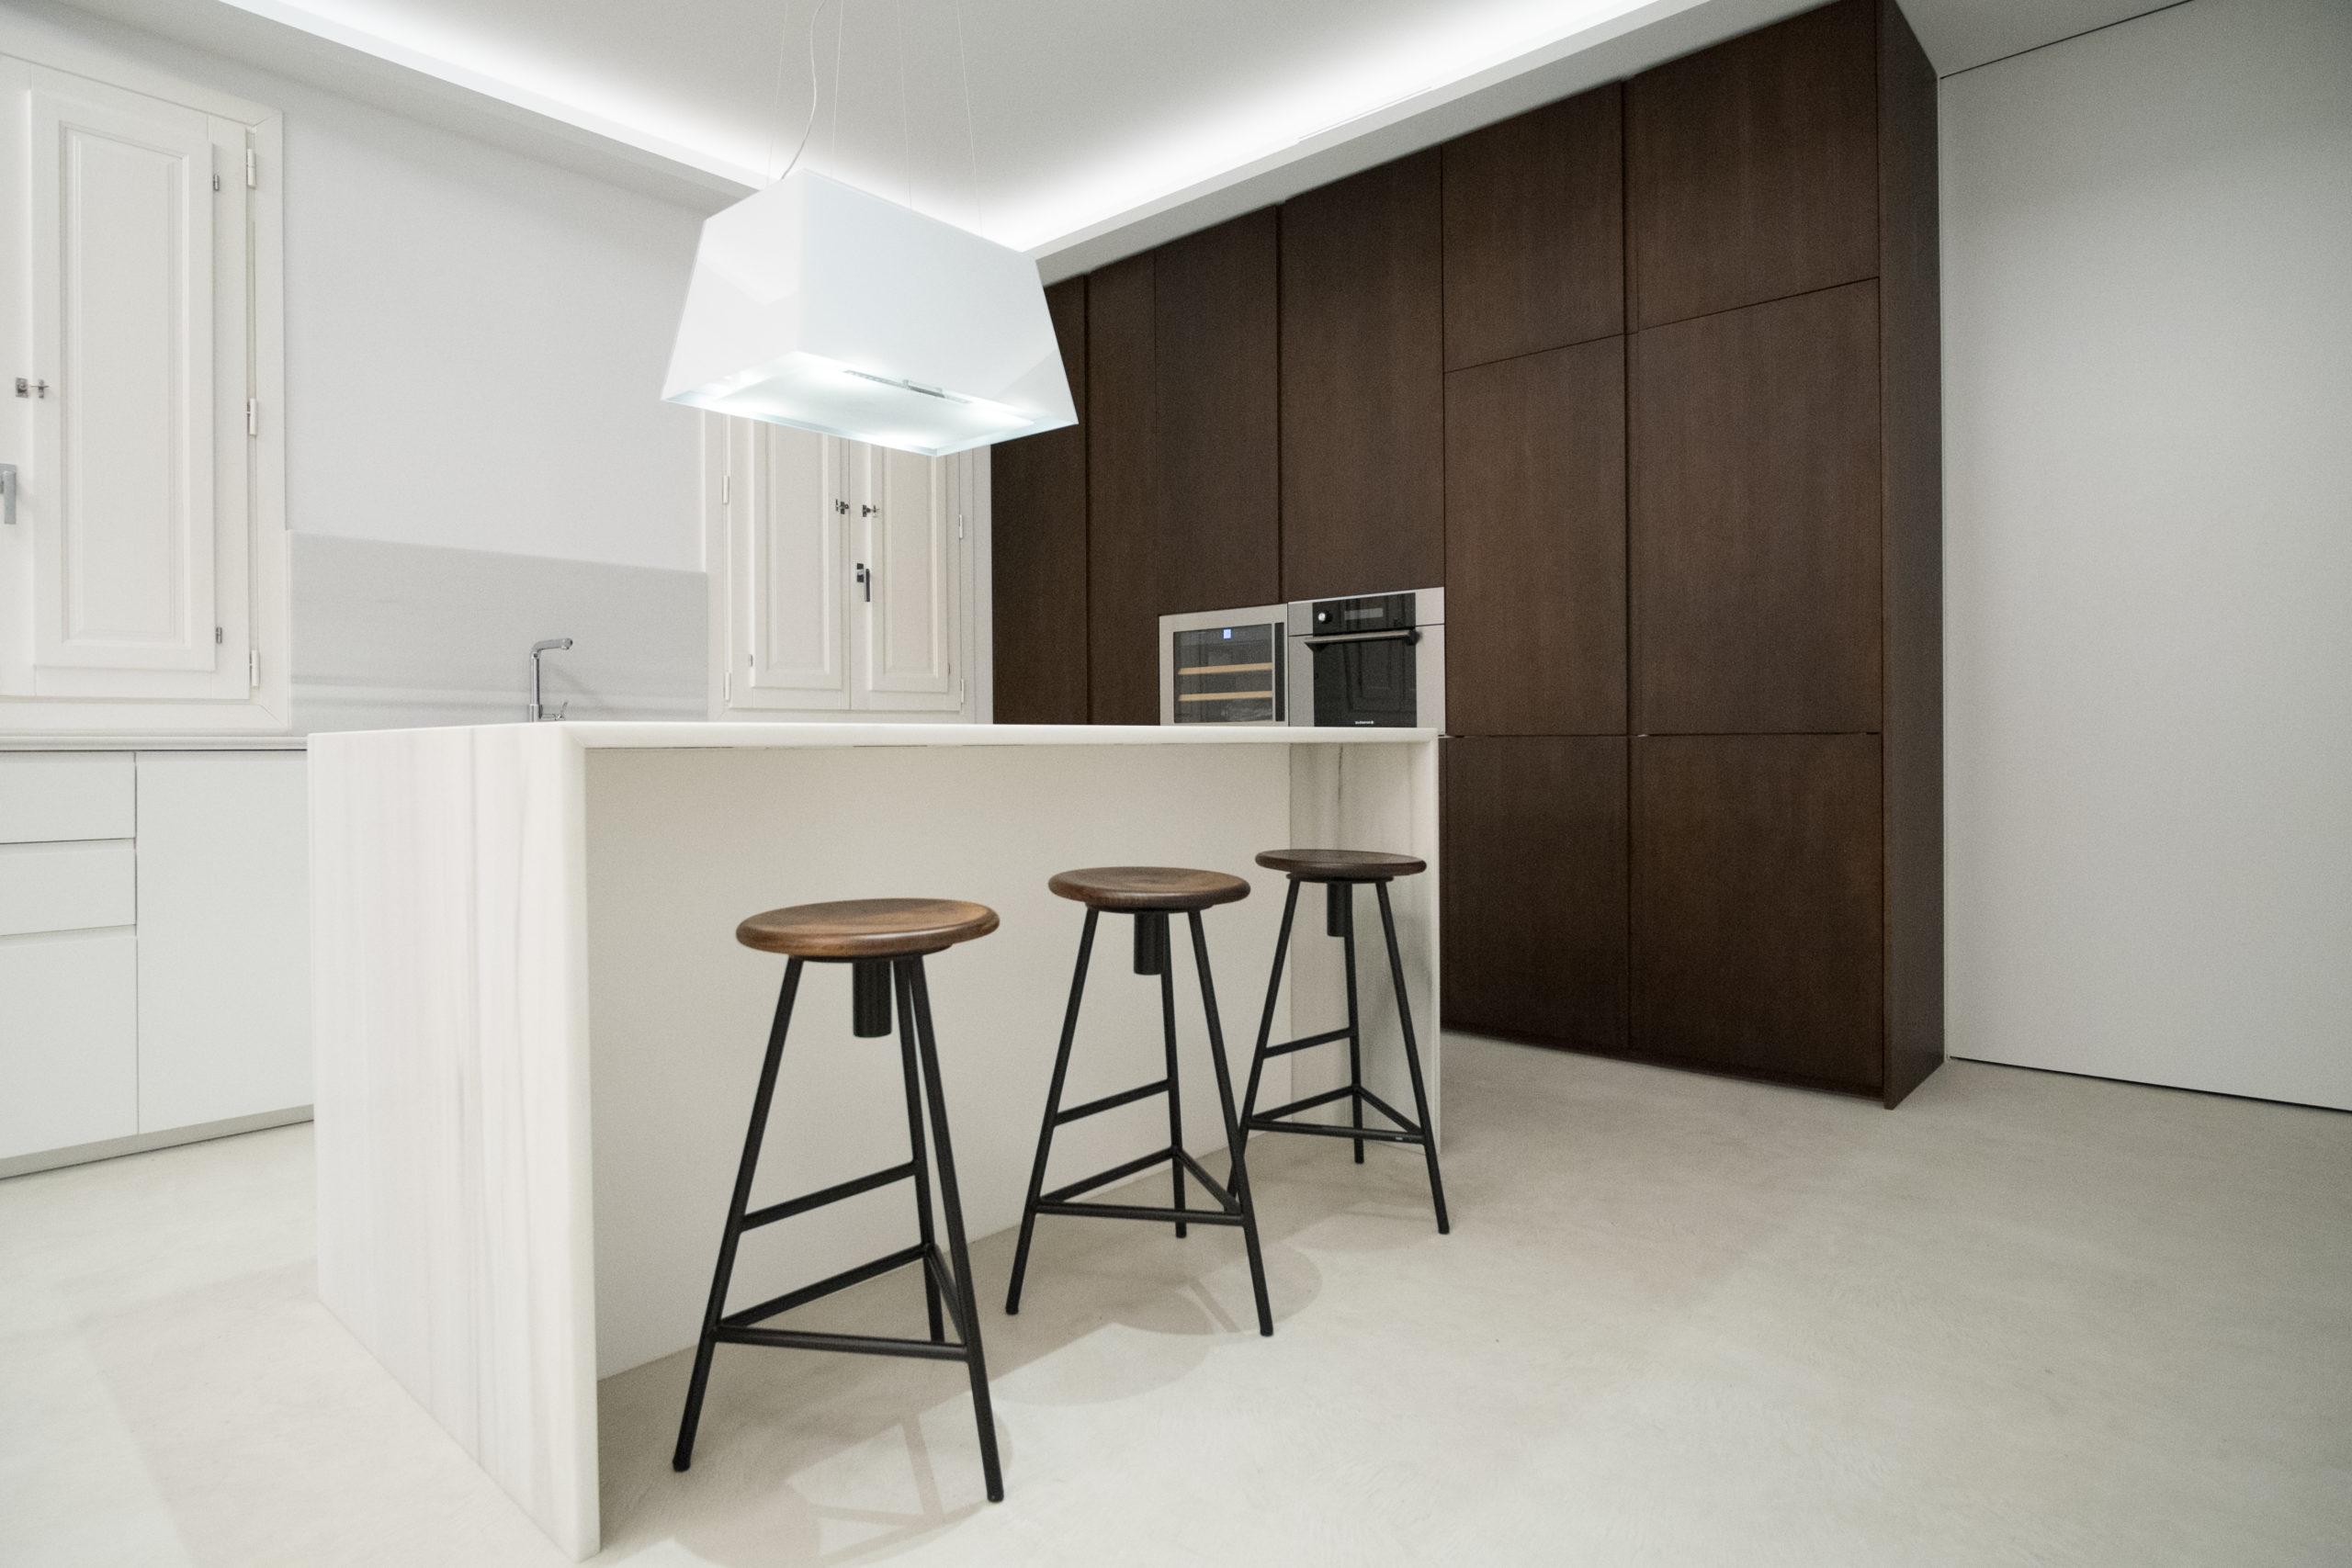 proyectos madrid hechos a mano diseño calidad decoracion interiorismo